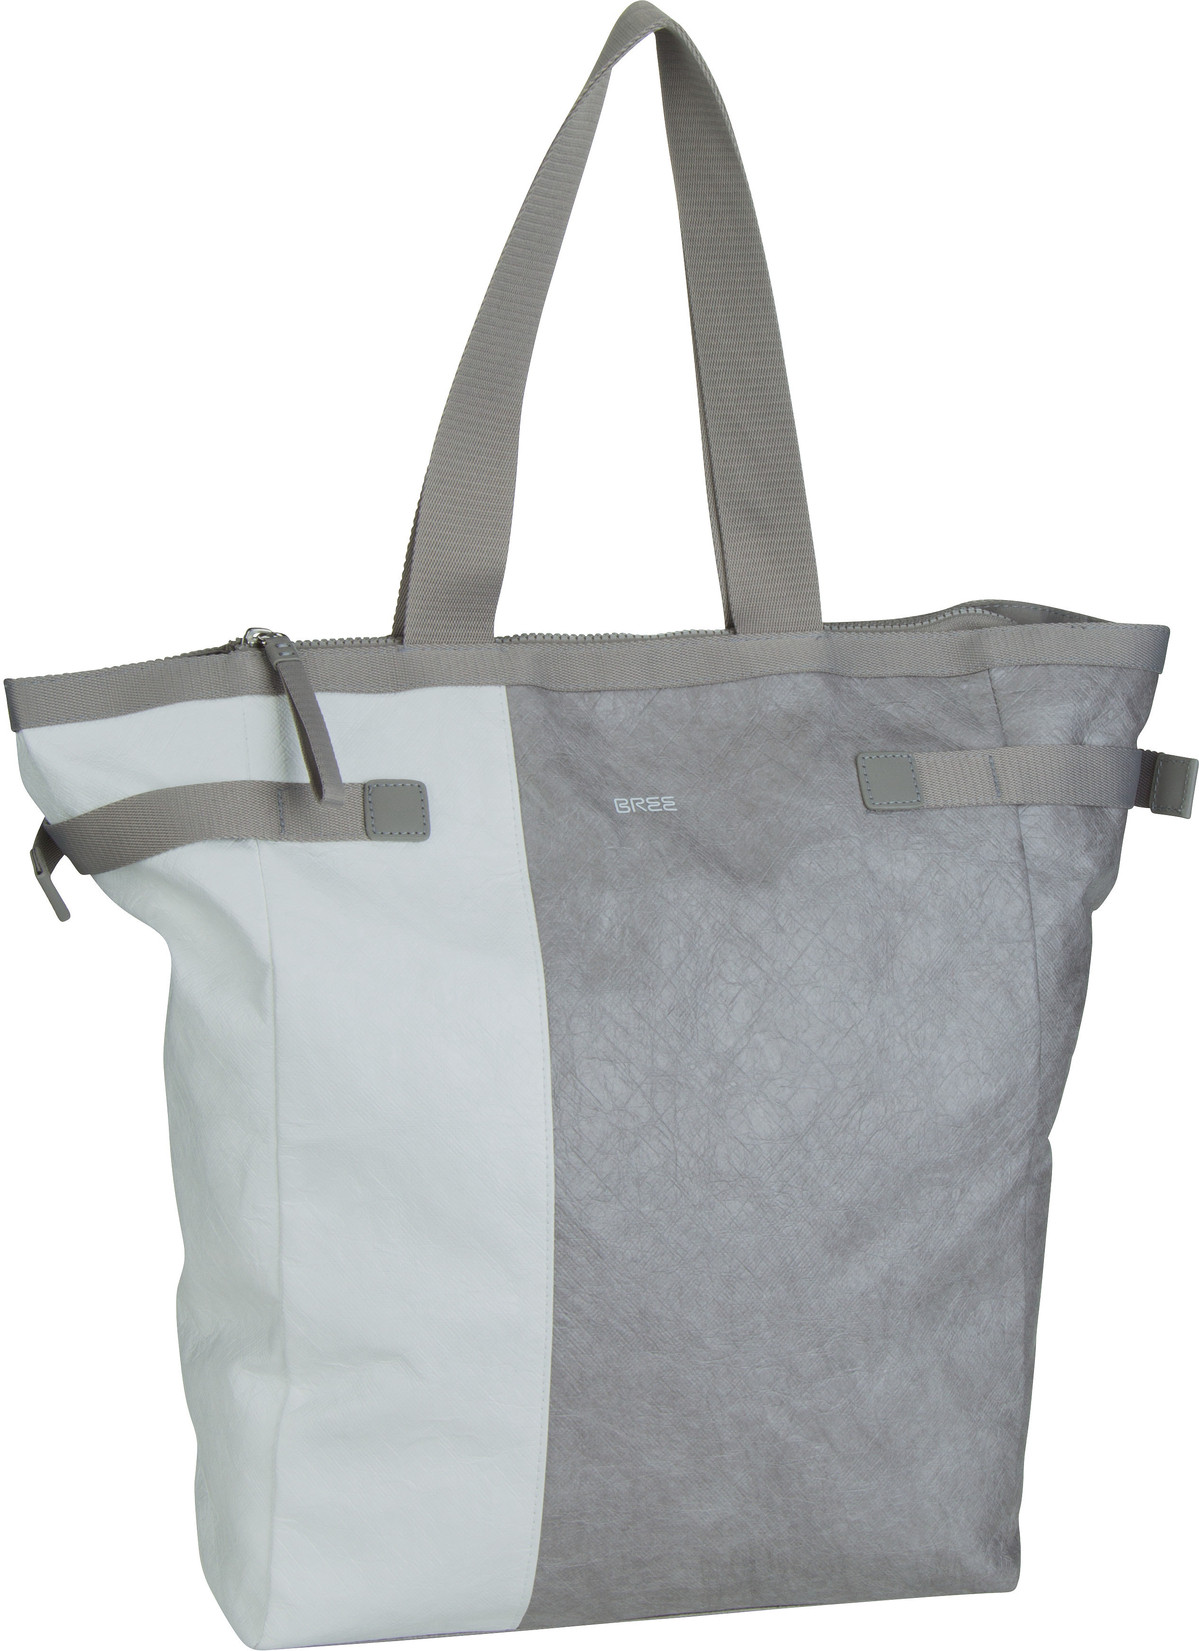 Handtasche Vary 6 Grey/White (13 Liter)